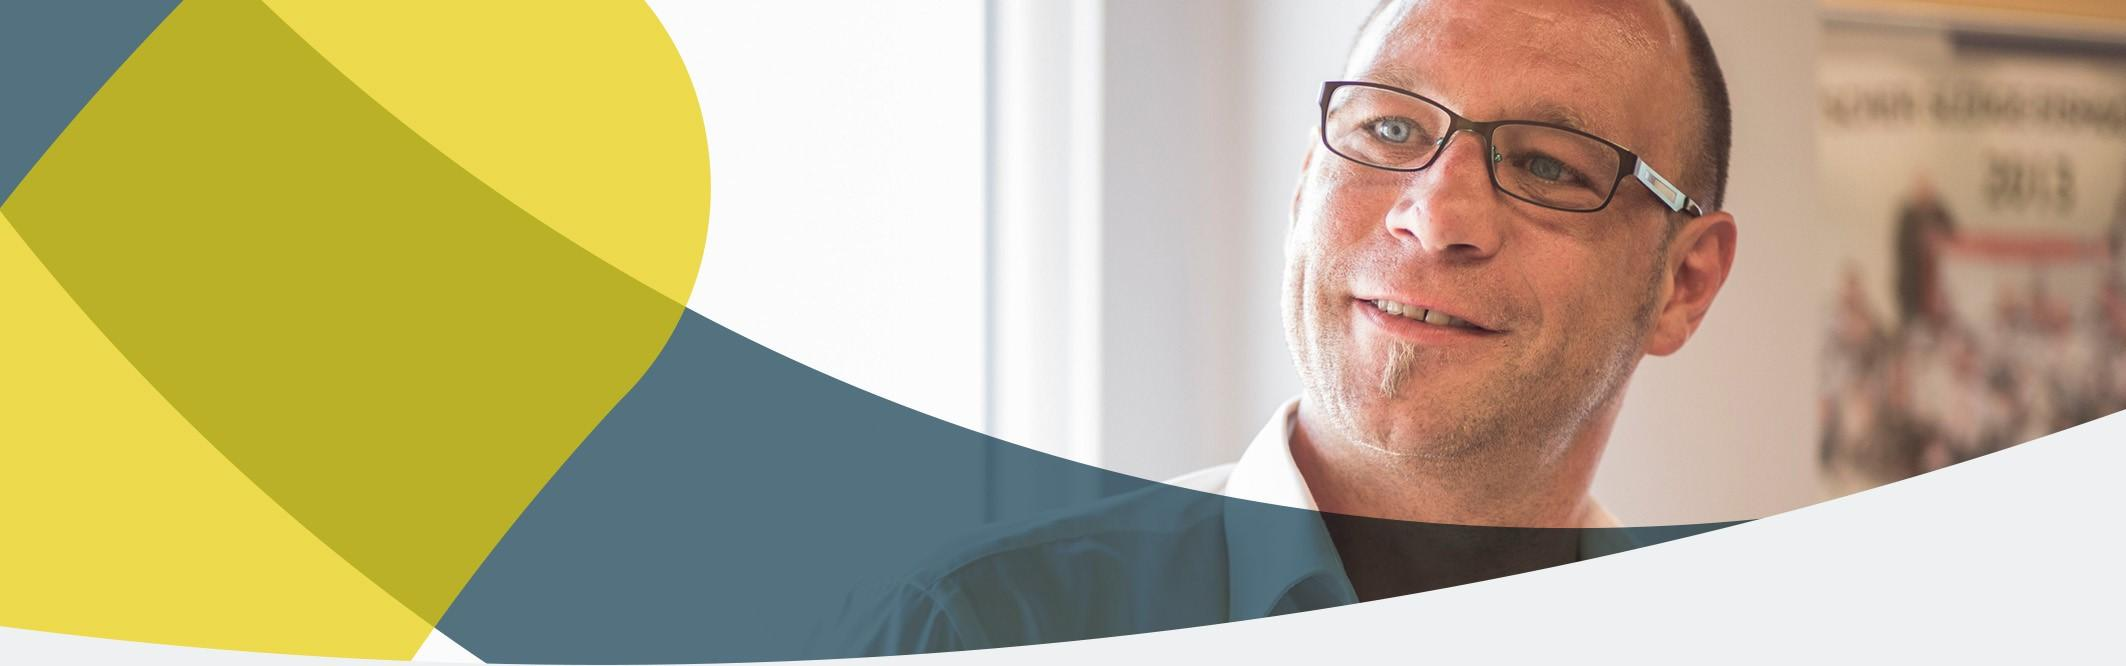 Erfahrungsbericht vom APT-Geschäftsführer Thomas Kipping